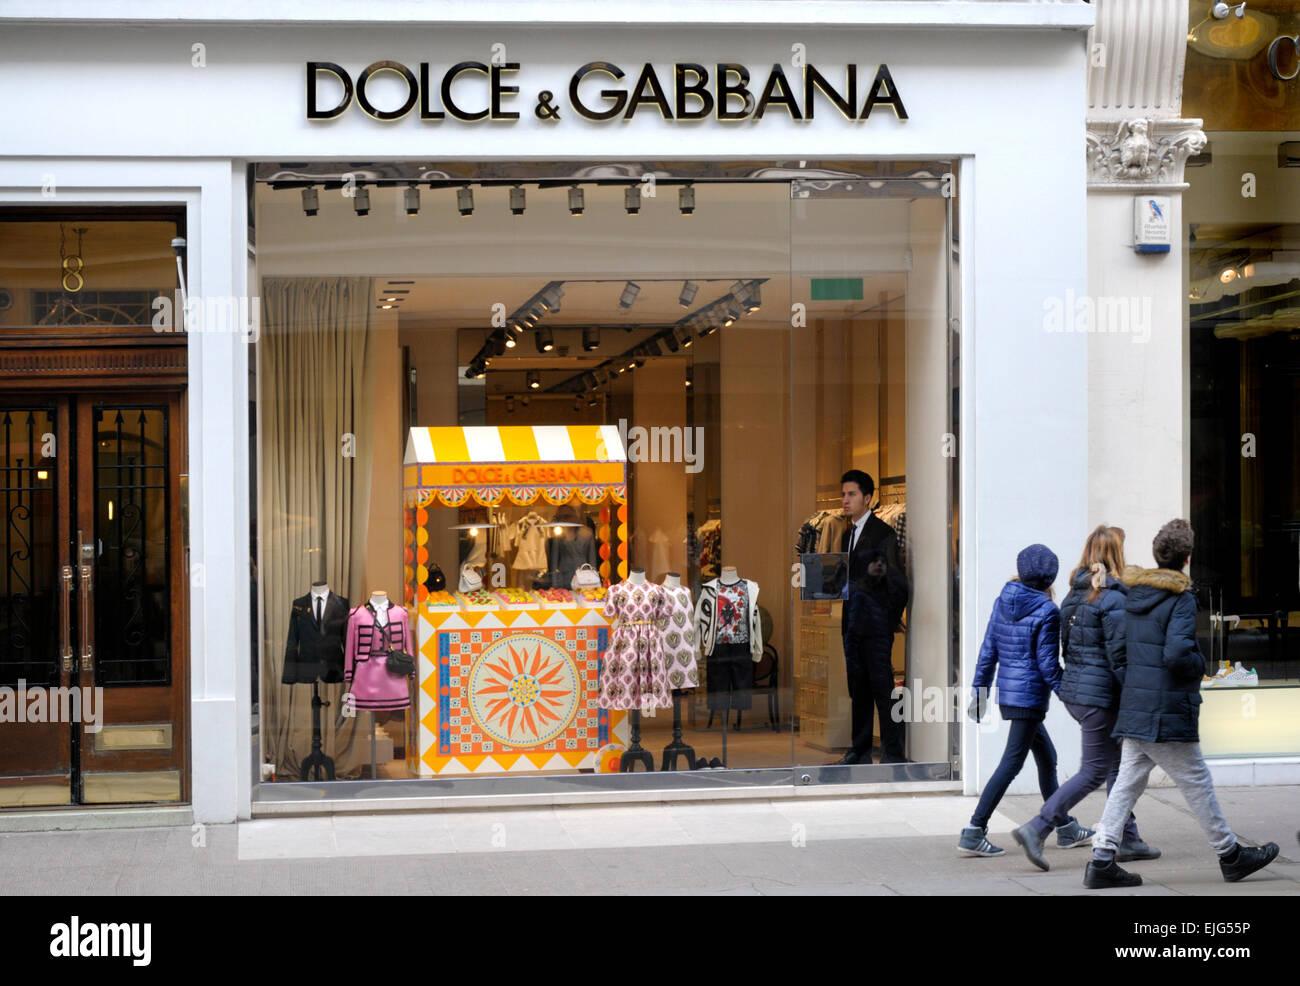 aabe779f64 Londra, Inghilterra, Regno Unito. Dolce & Gabbana shop su Sloane ...